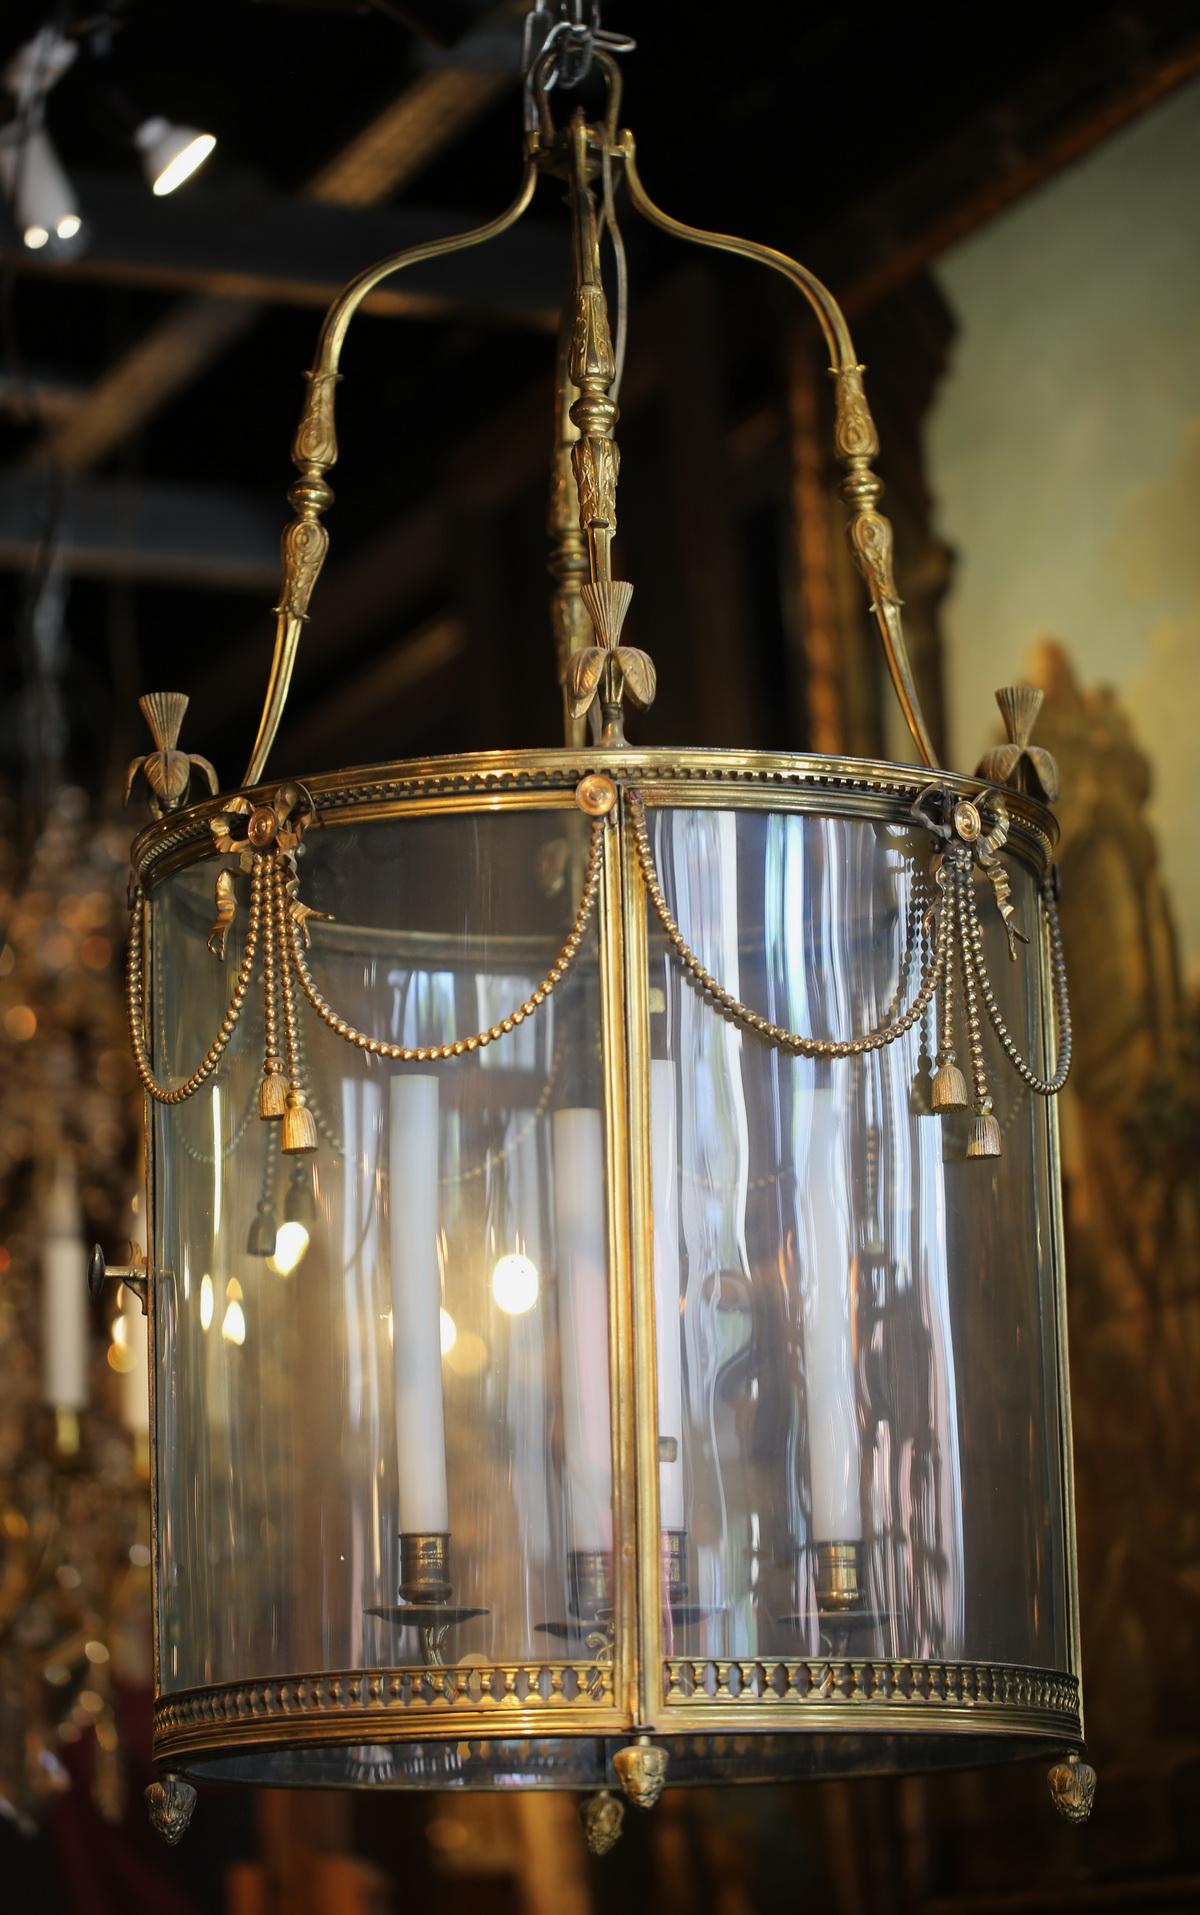 Pair of Louis XVI style lanterns